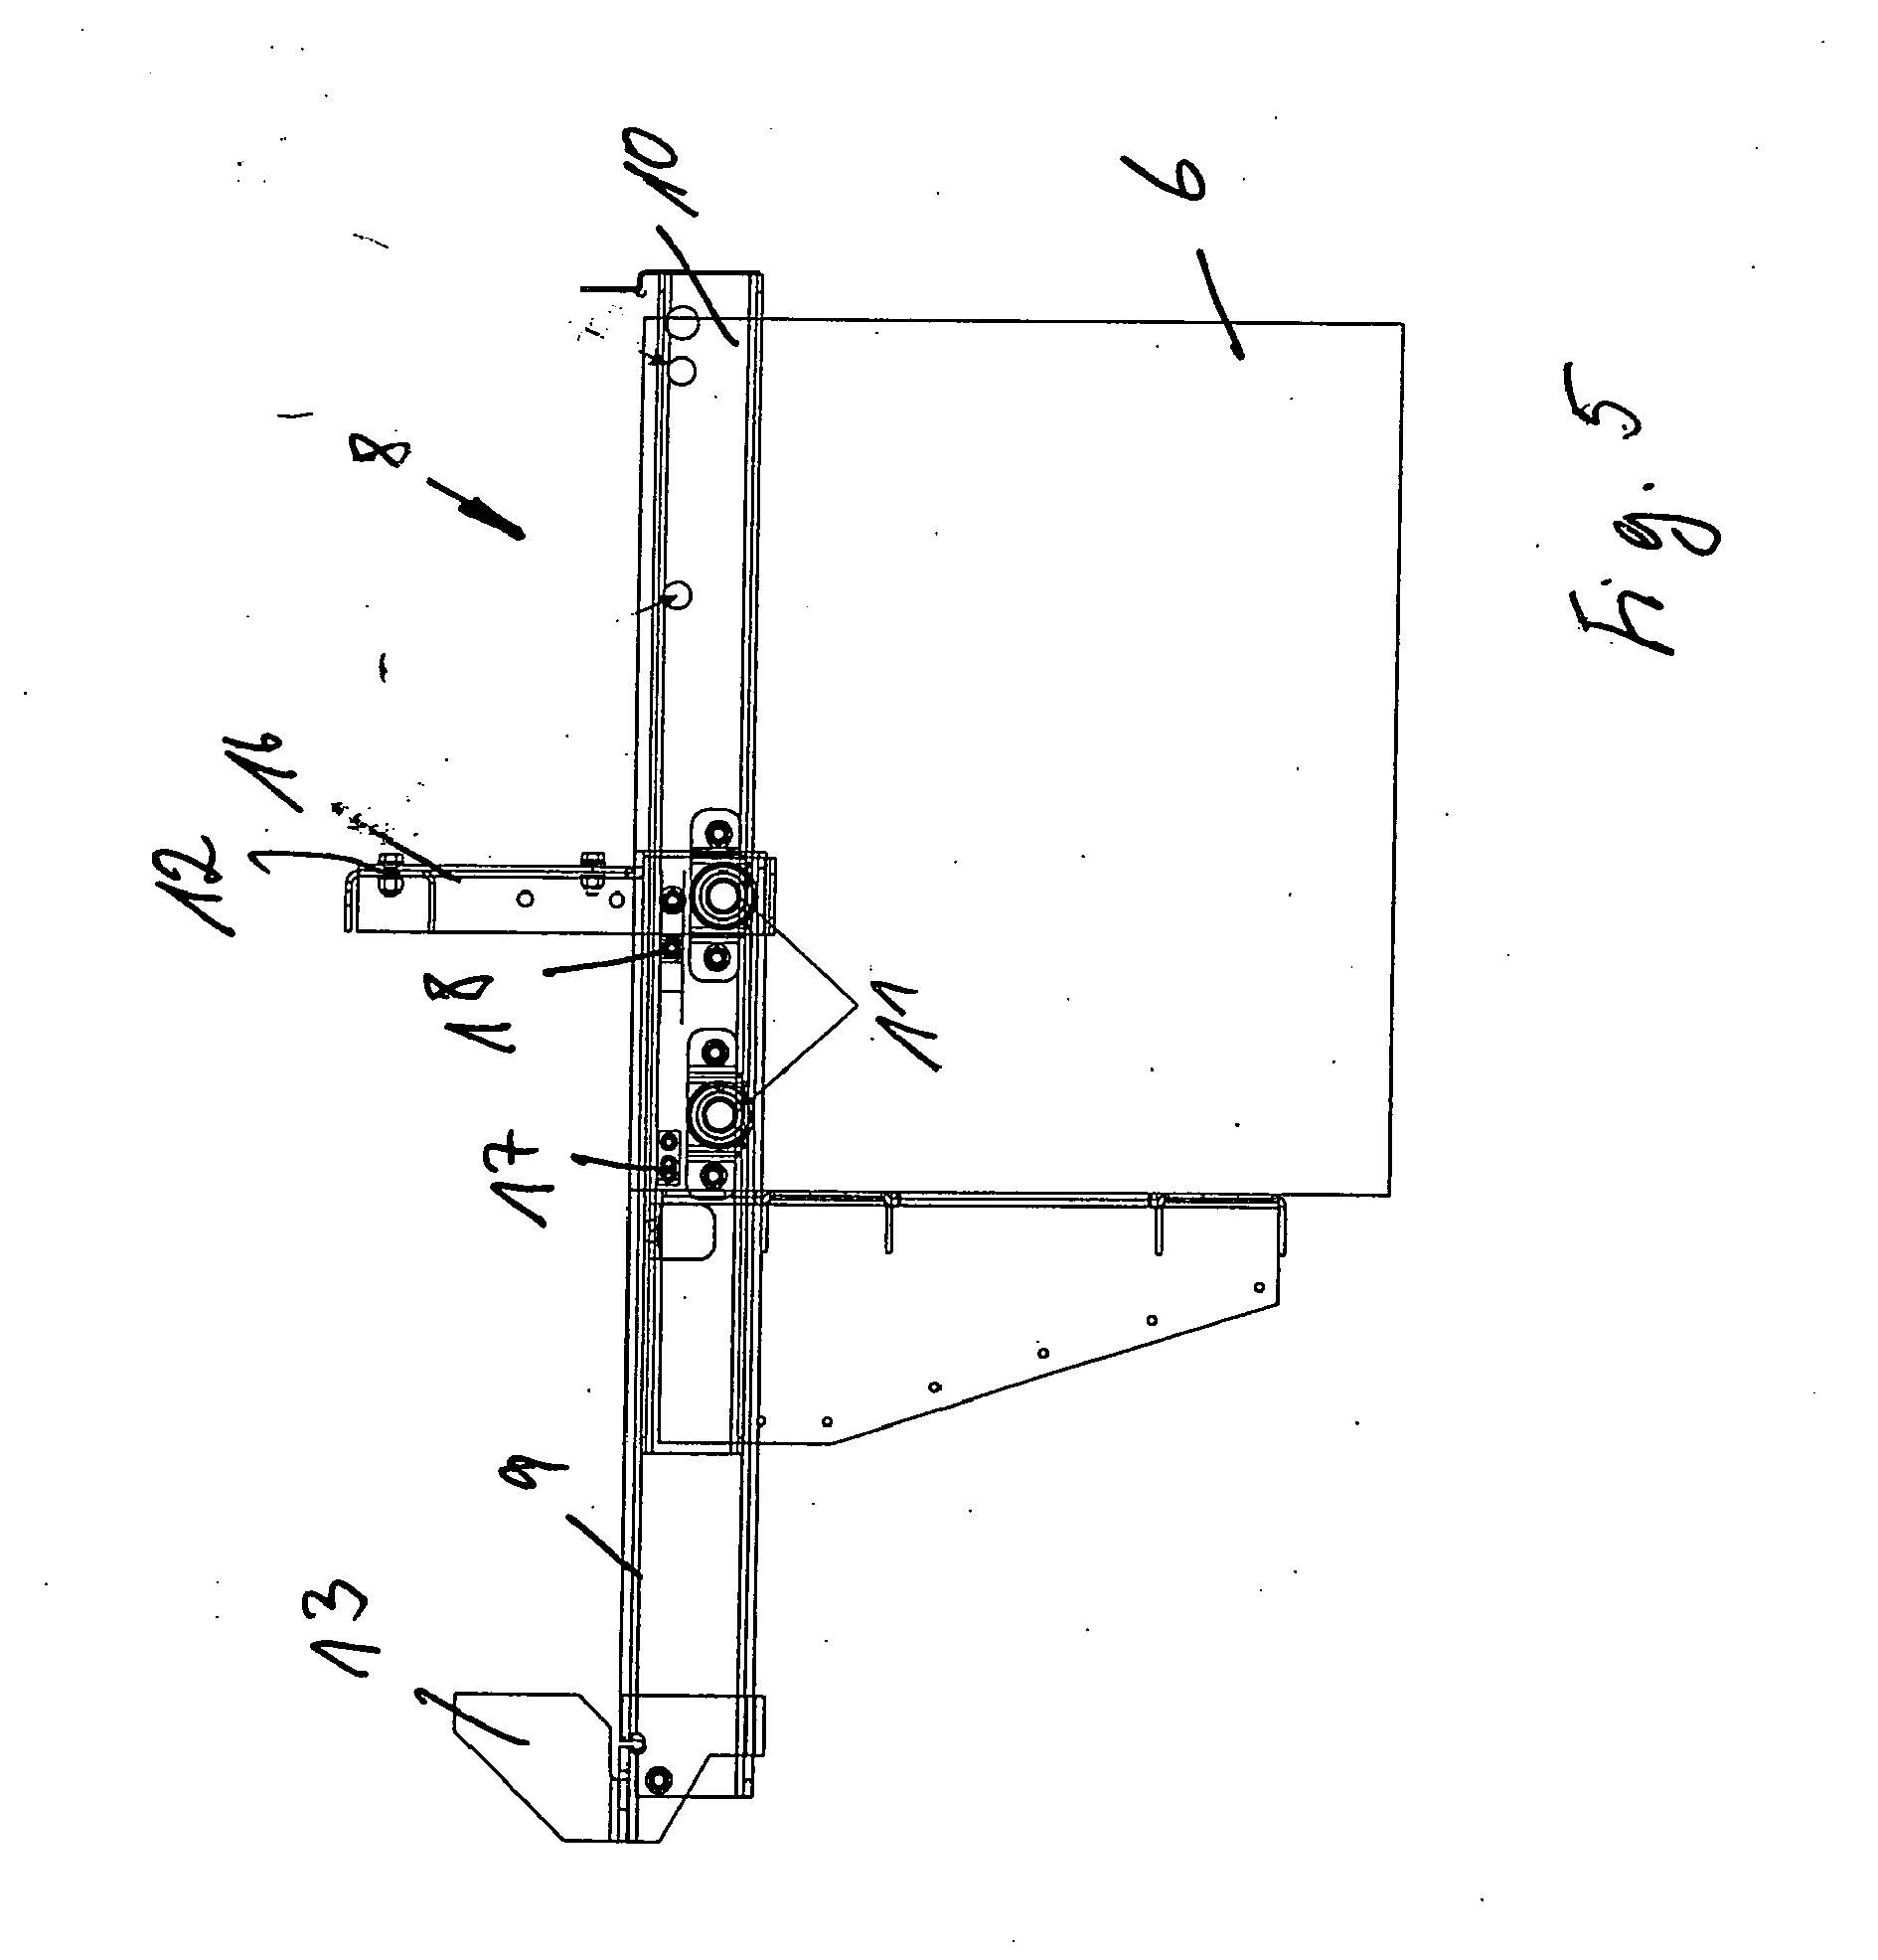 专利ep2287041a1 - fahrzeugaufbau - google 专利